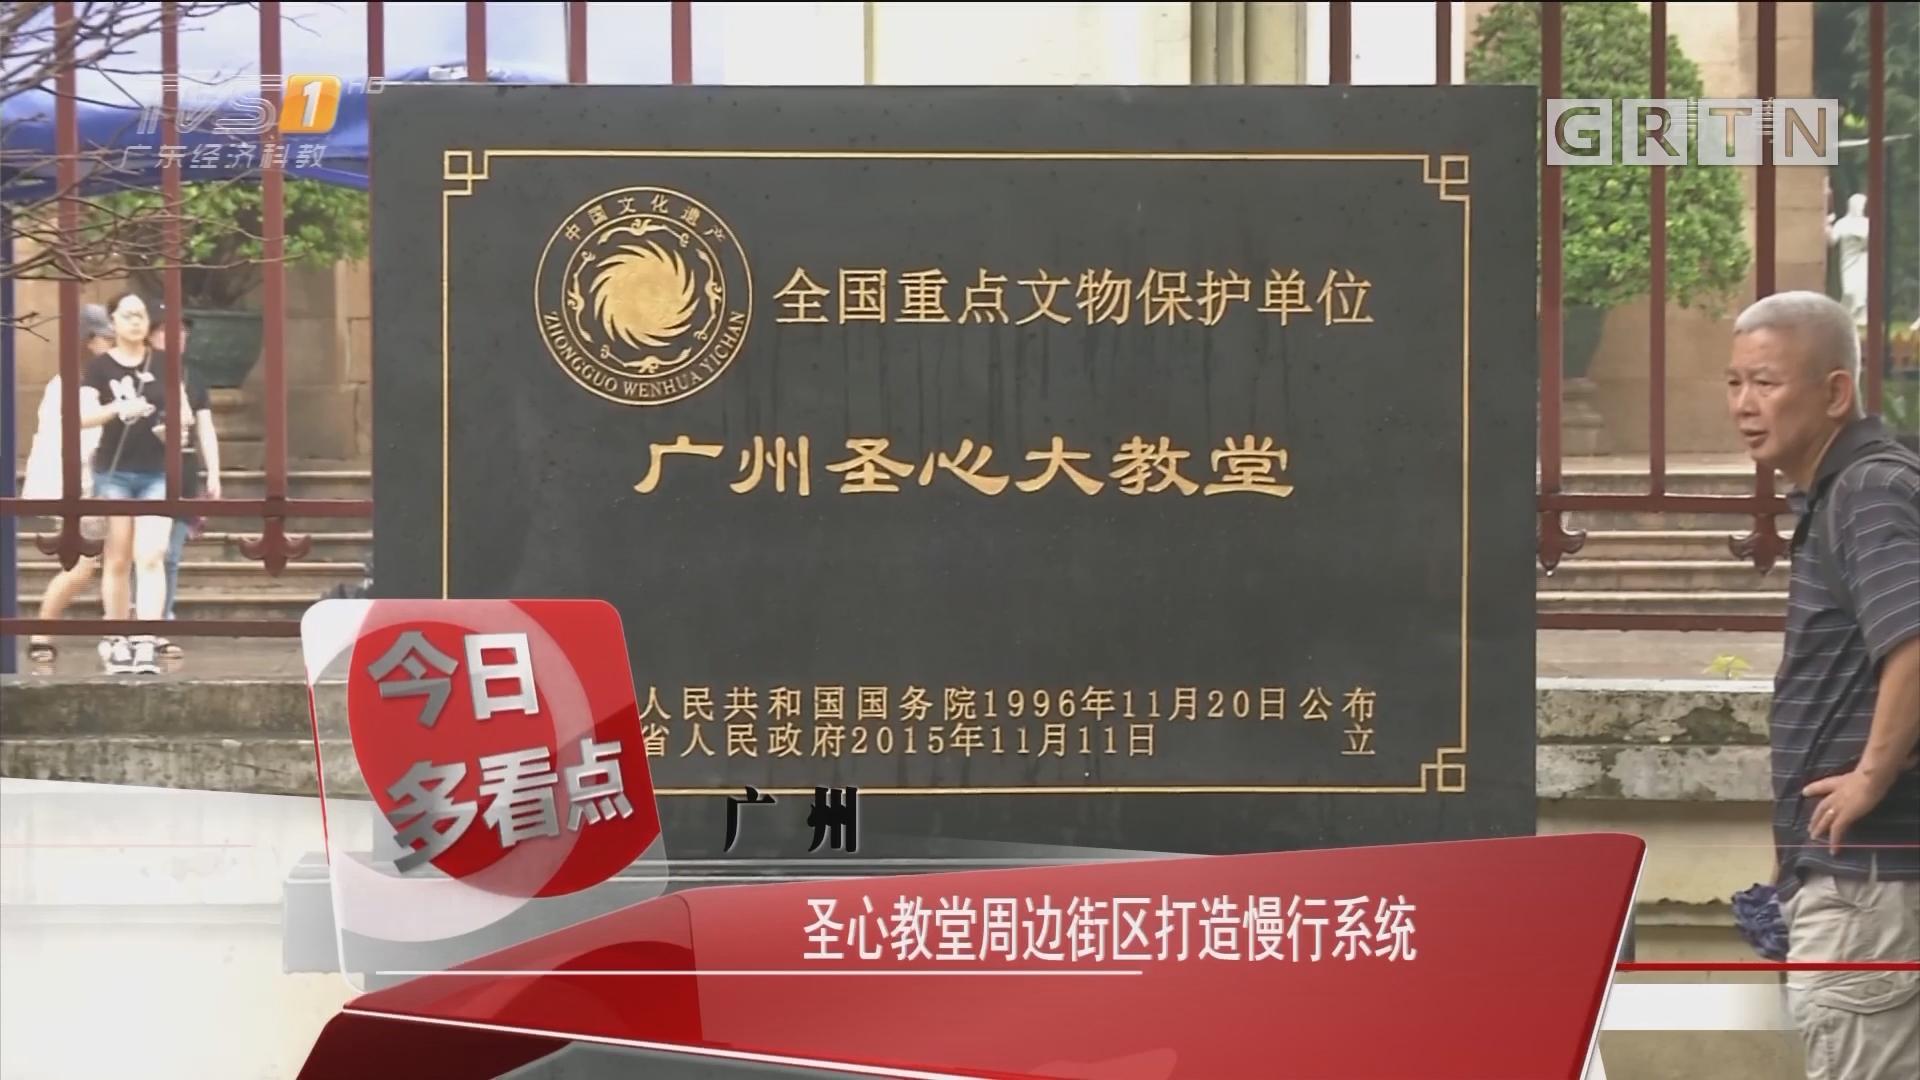 广州:圣心教堂周边街区打造慢行系统